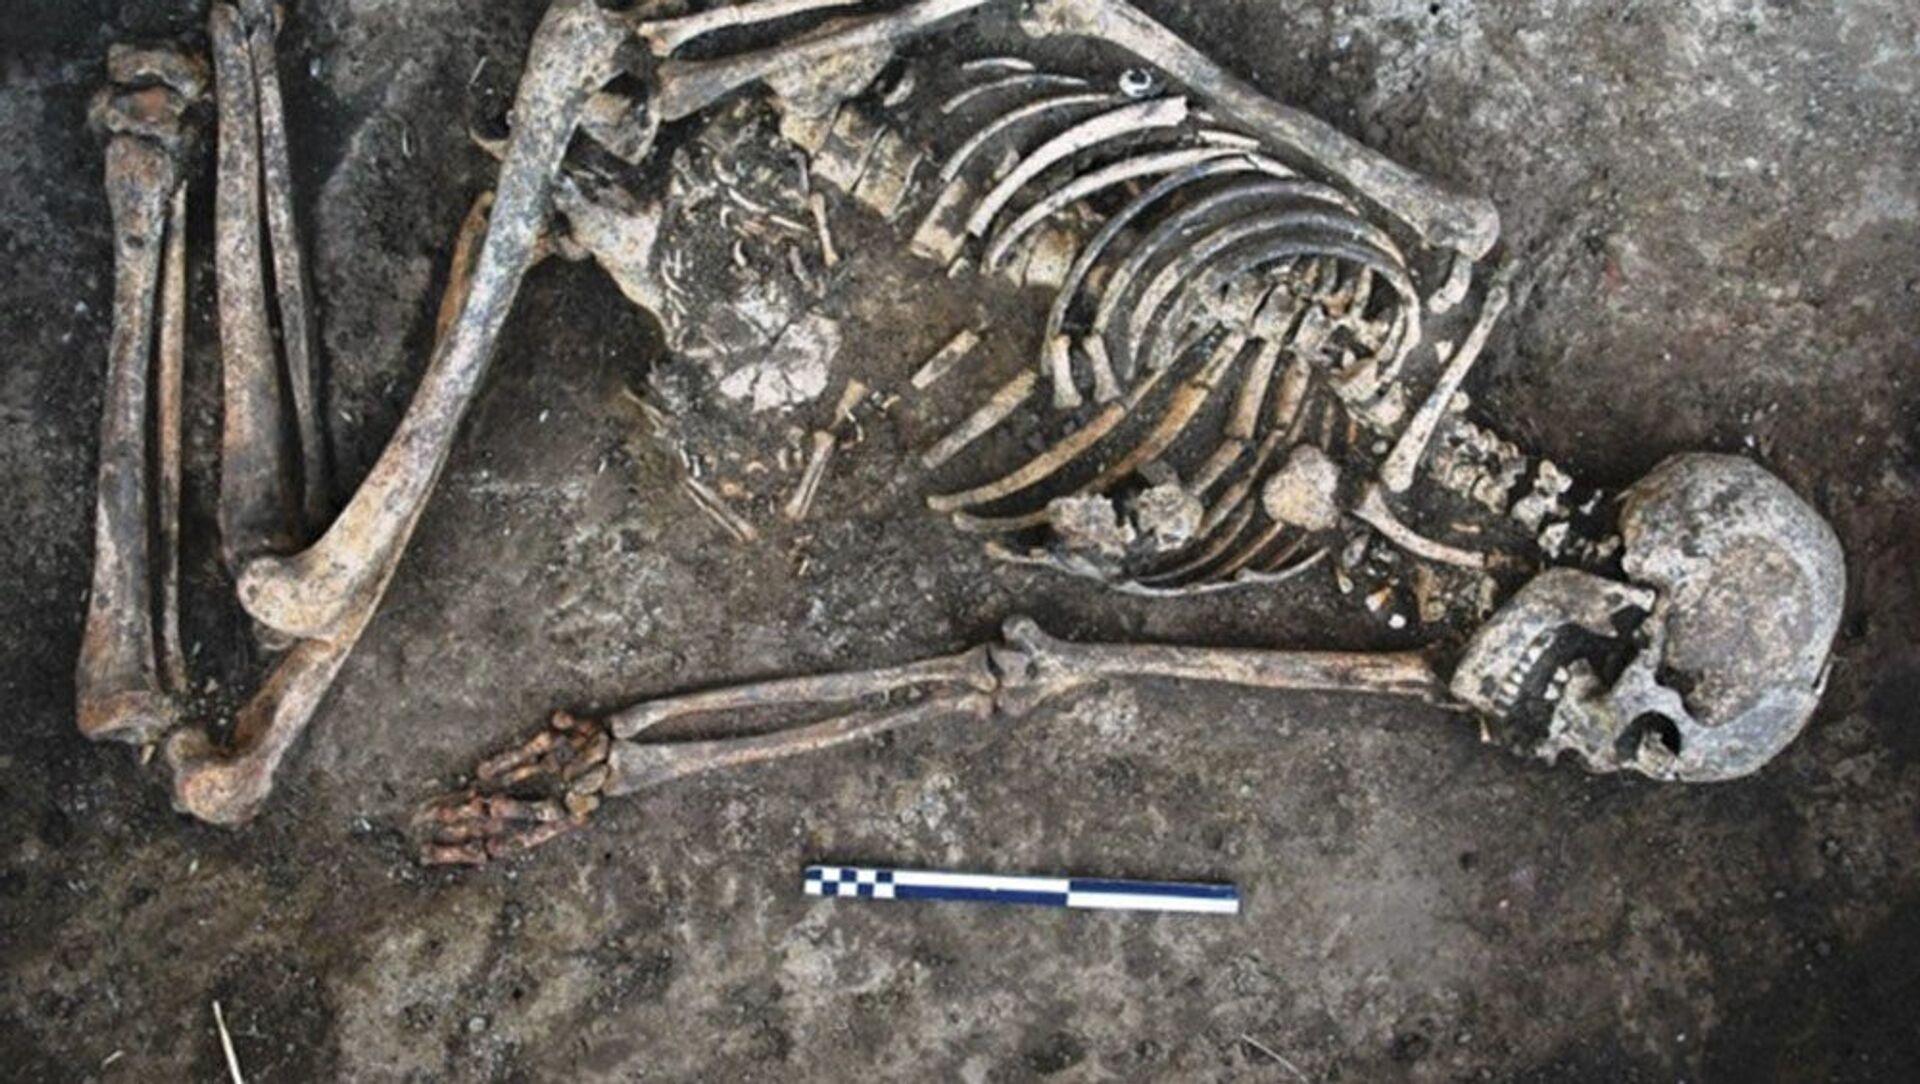 Uno scheletero di una donna con decorazioni sulle ossa  - Sputnik Italia, 1920, 01.05.2021